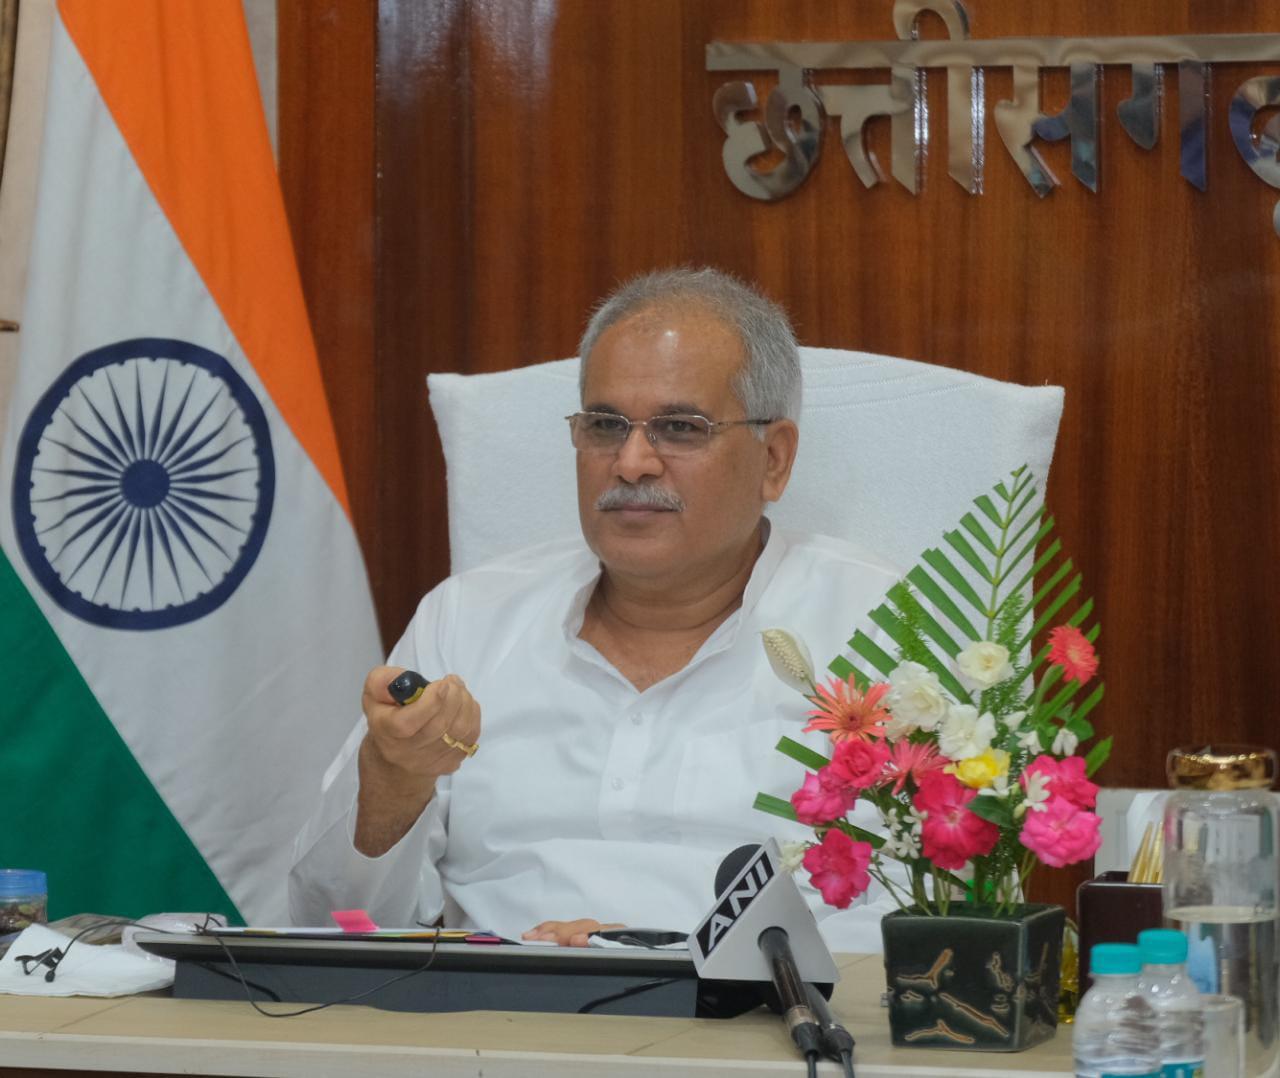 मुख्यमंत्री ने आयोजित वर्चुअल कार्यक्रम में जशपुर जिले में 283 करोड़ 70 लाख रूपए के 585 निर्माण और विकास कार्यों का लोकार्पण और भूमिपूजन